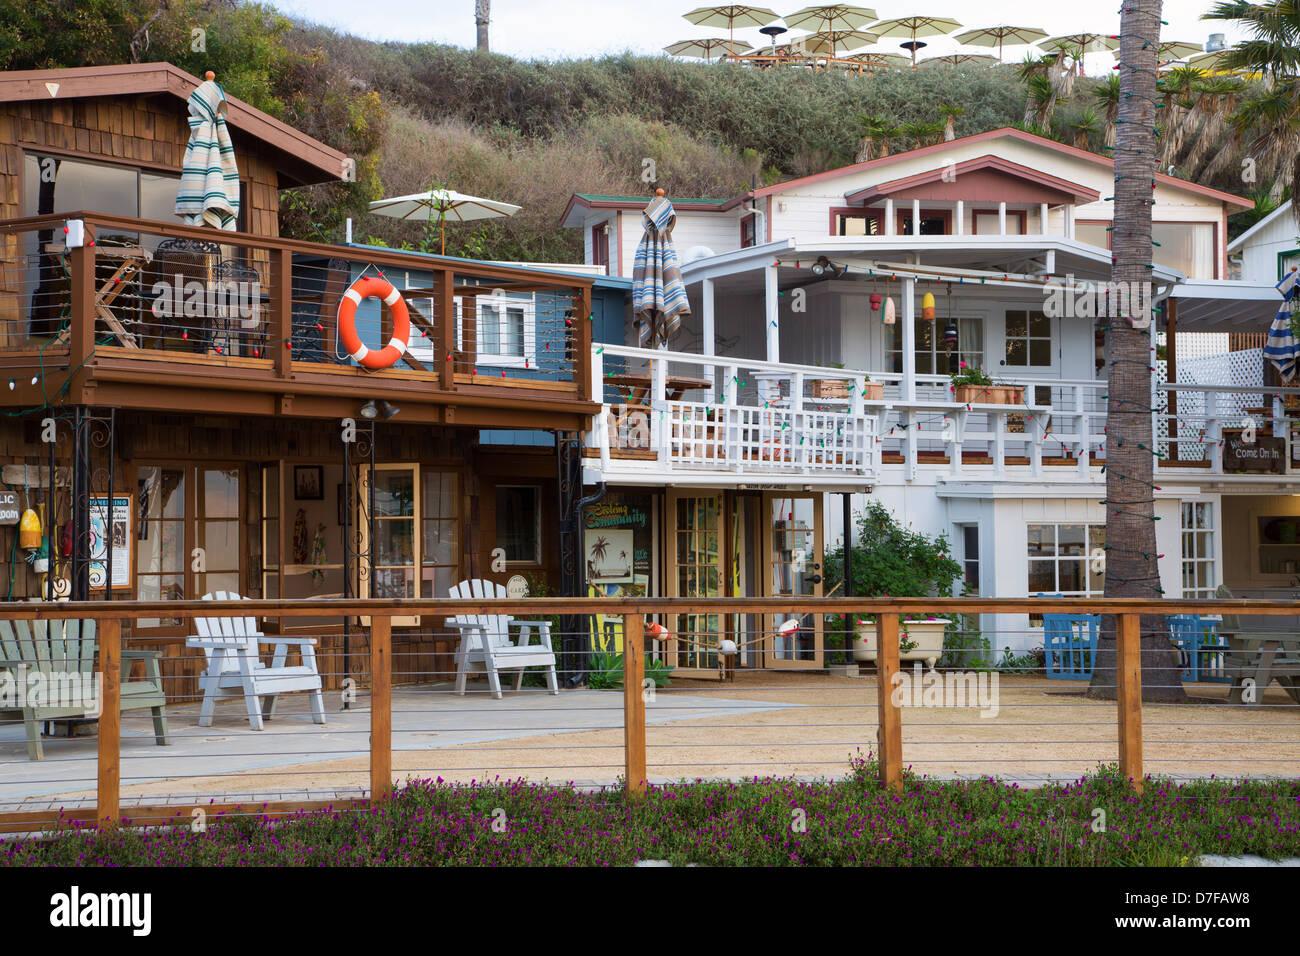 full village orange loop cottages of beach cottage al real in estate cypress property image